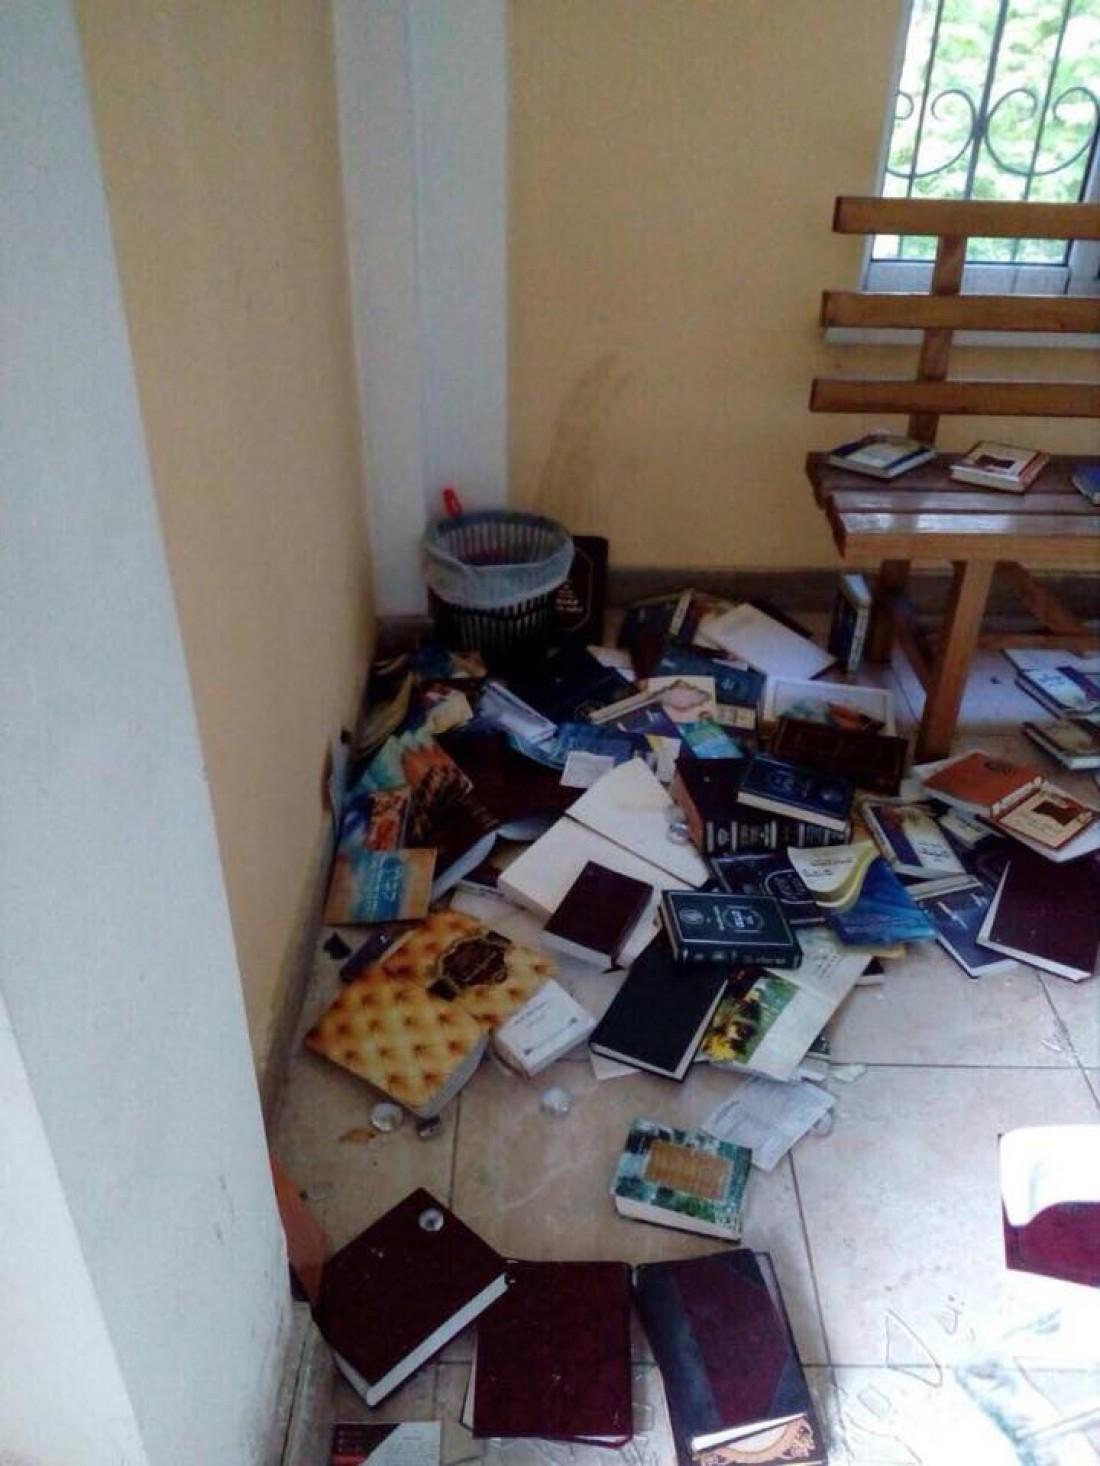 Вандалы-провокаторы разбросали по полу святые книги